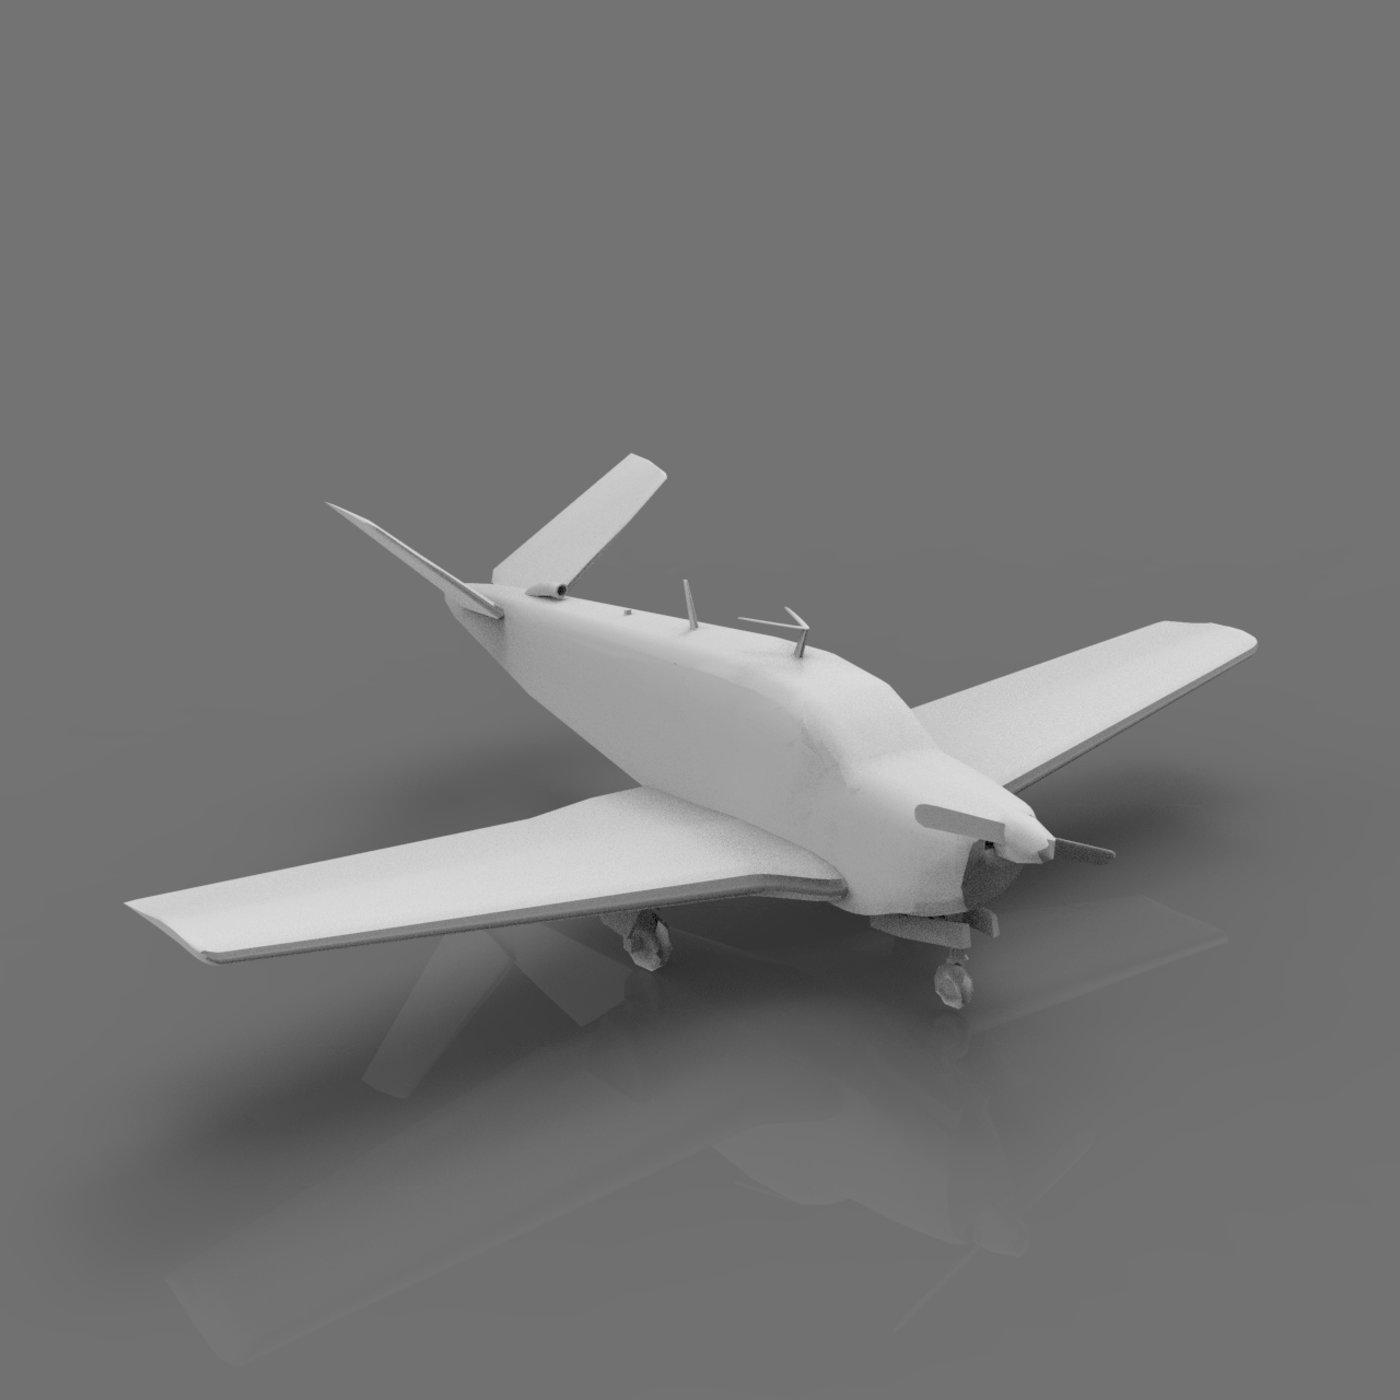 BEECH Aircraft Airplane